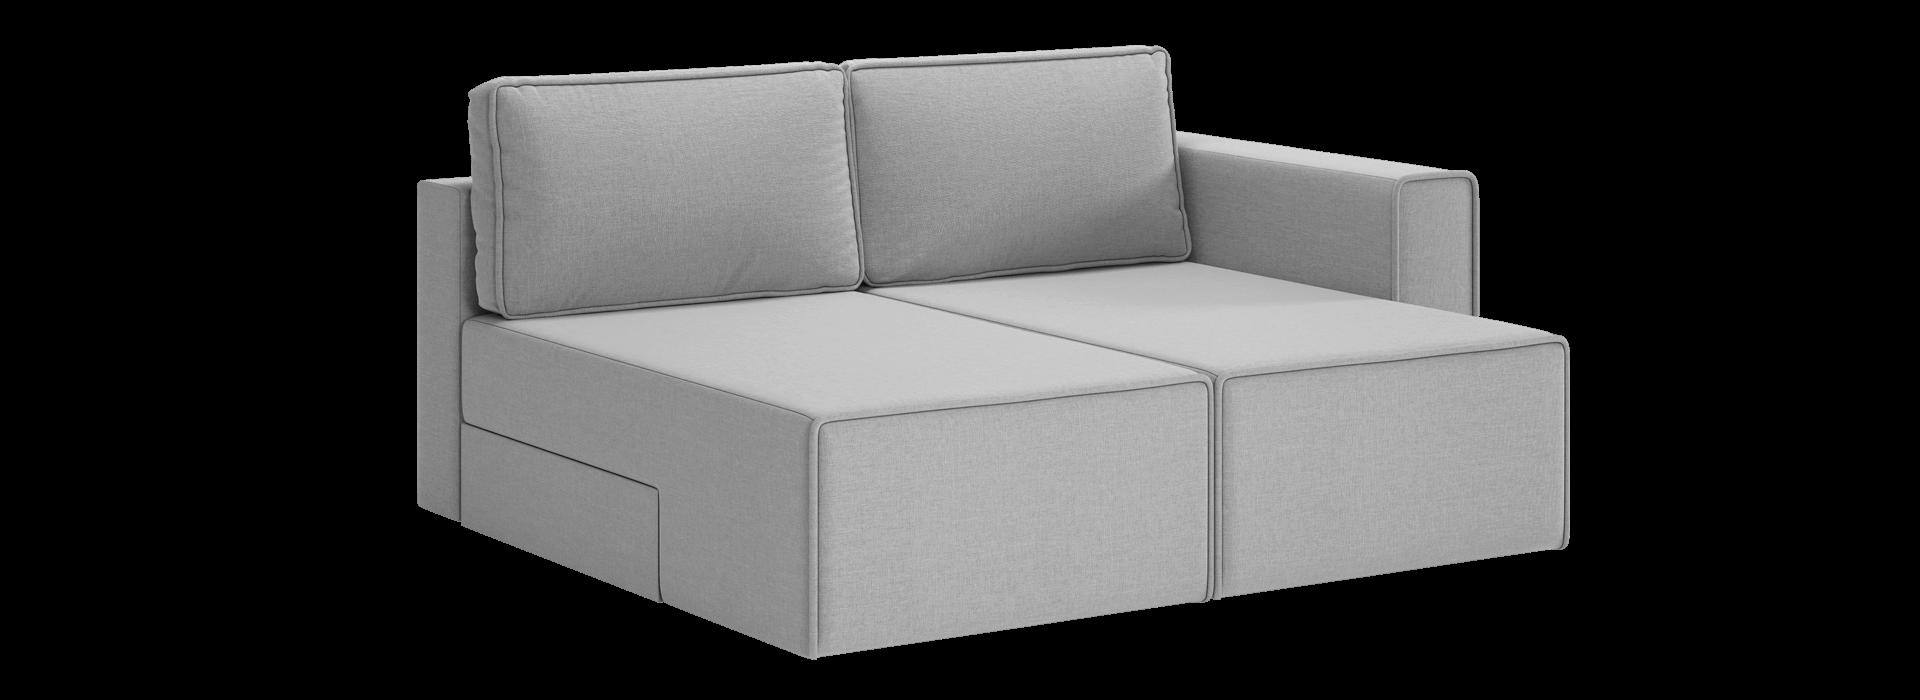 Лоренс кутовий поворотний диван - маска 4